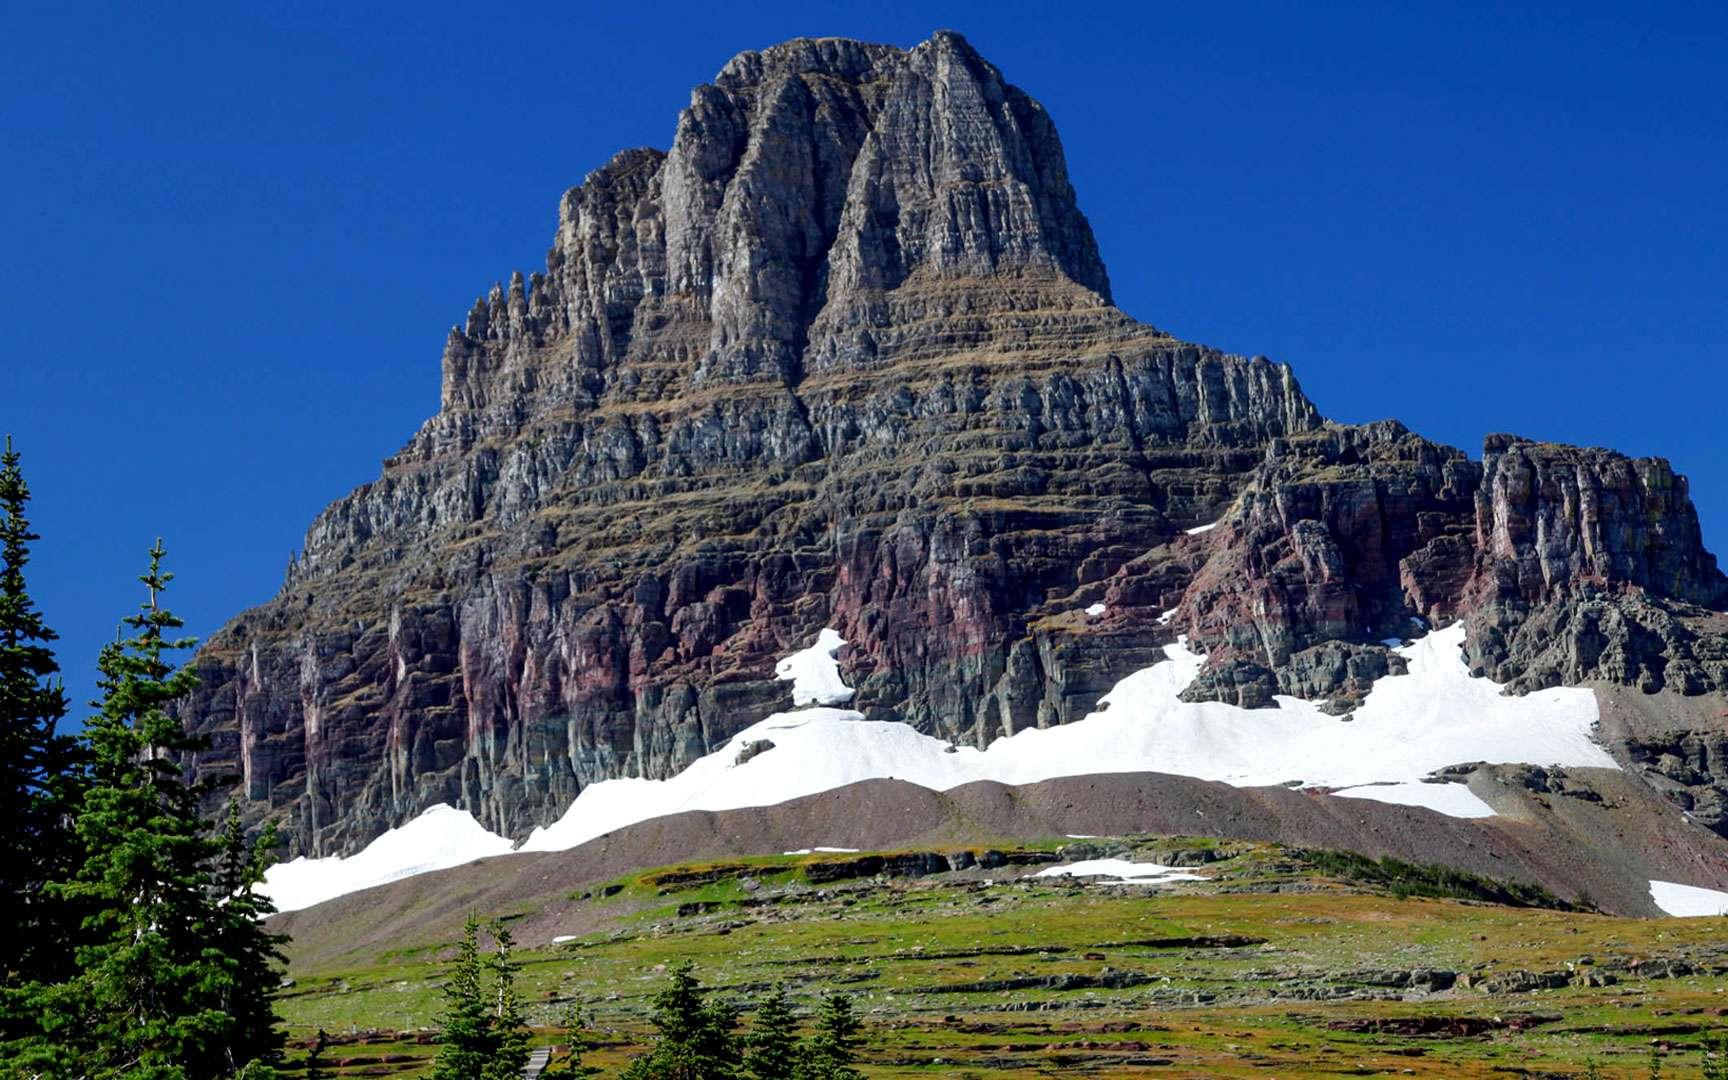 Dans le parc de Glacier, un pic surplombe le Hidden Lake, un paysage typique des montagnes Rocheuses dans le Montana. © Antoine